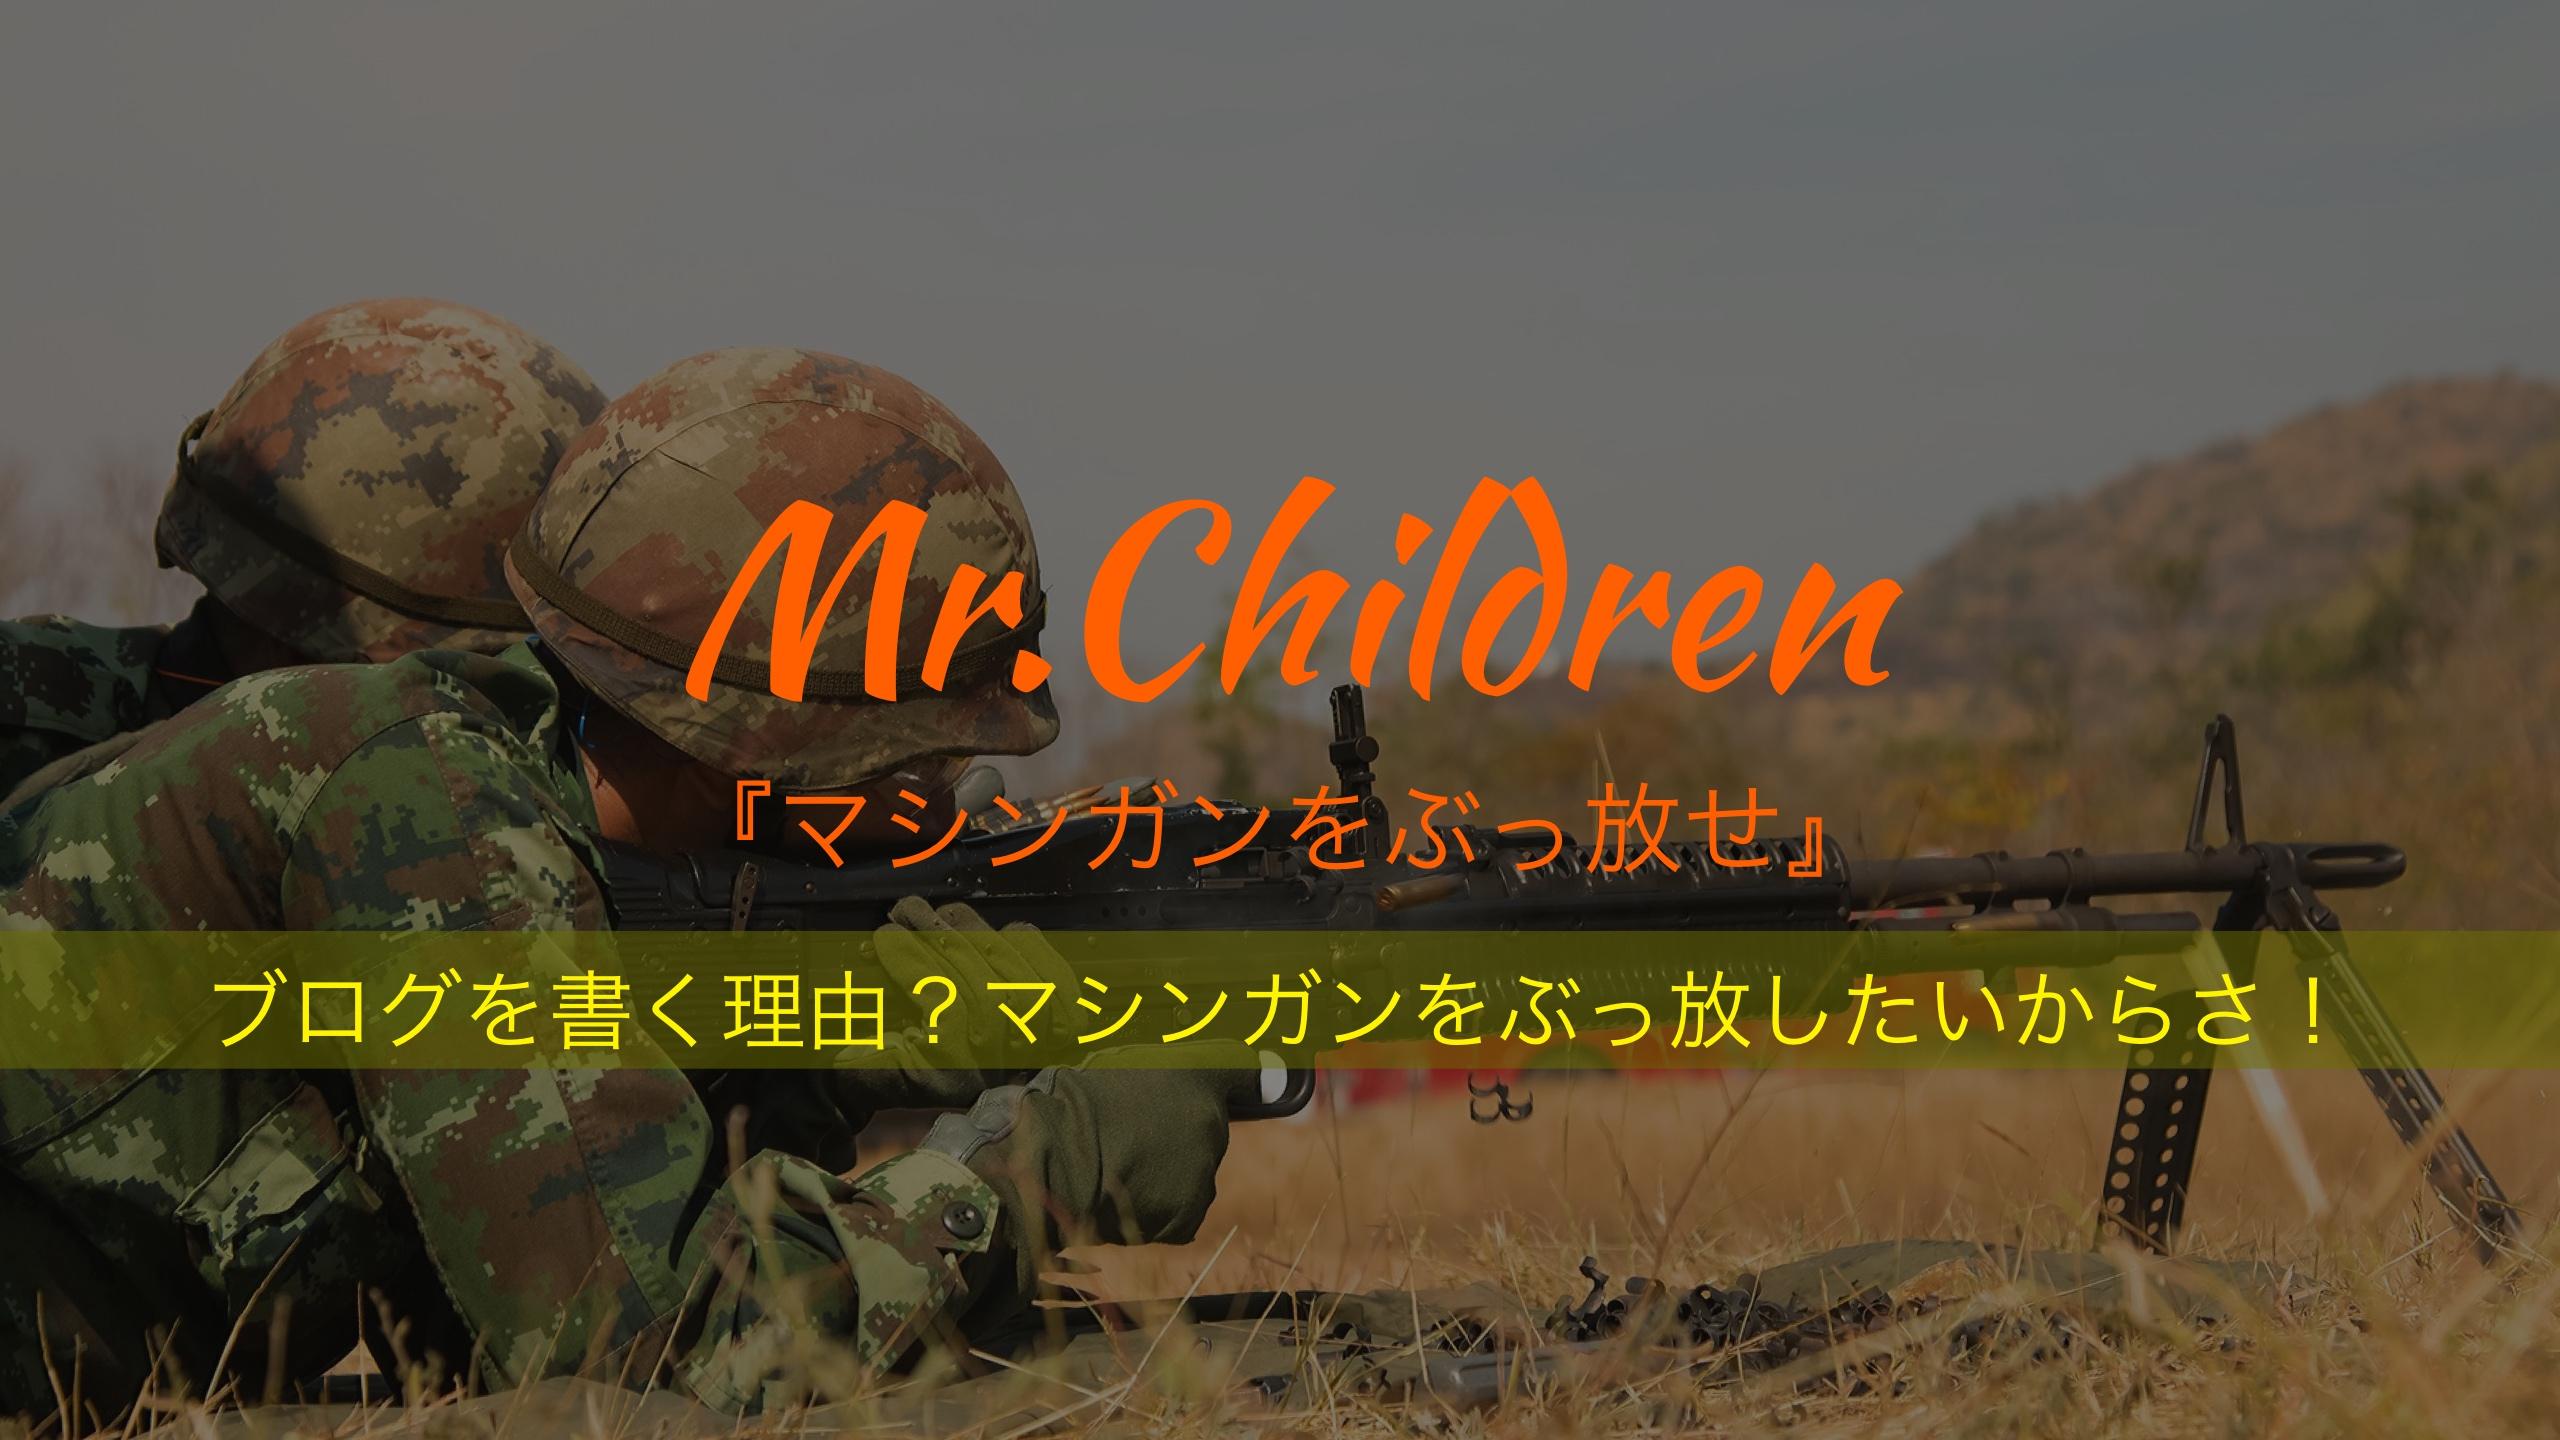 ブログを書く理由?マシンガンをぶっ放したいからさ!-Mr.Children『マシンガンをぶっ放せ』